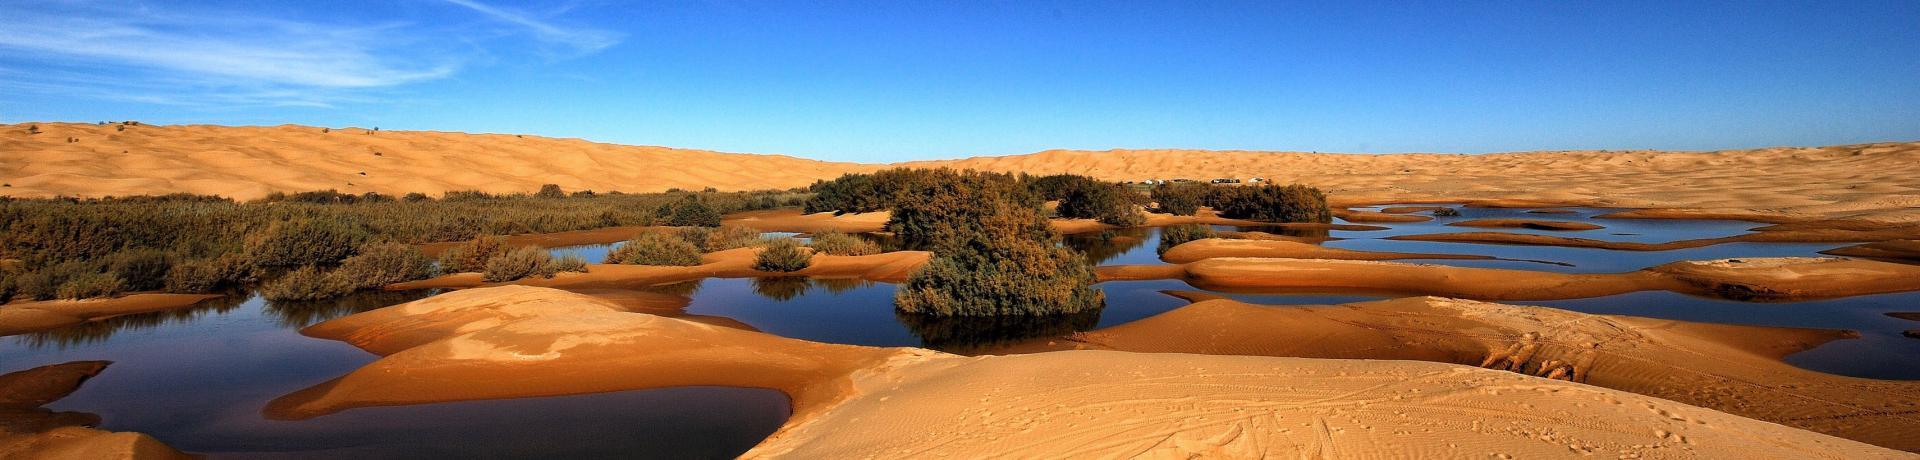 Tunesien: Sahara Wüste